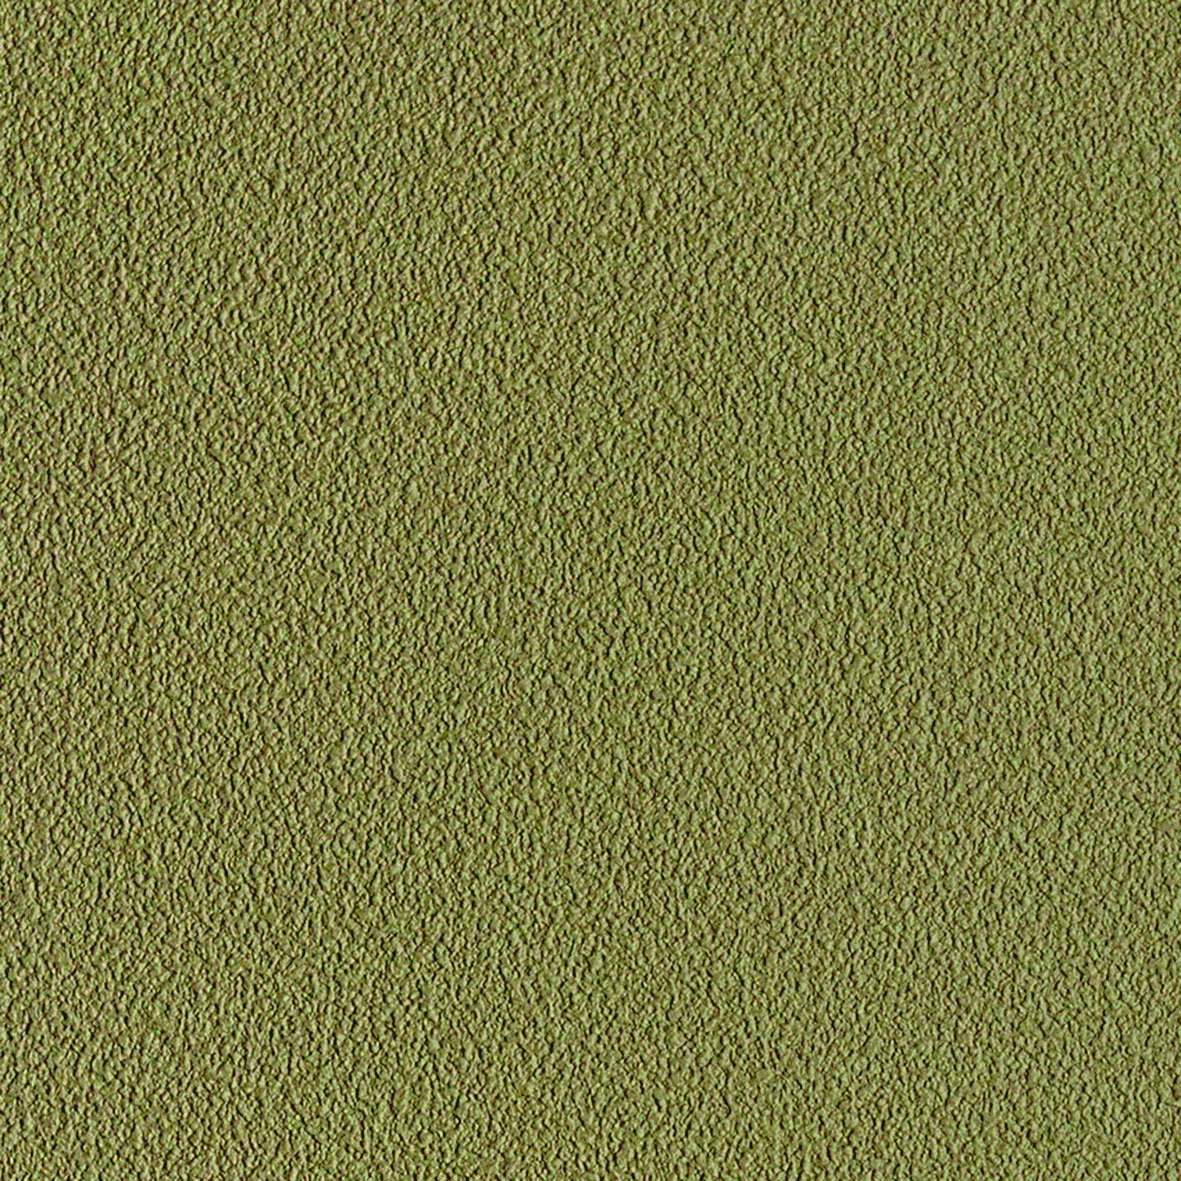 リリカラ 壁紙28m ナチュラル 石目調 グリーン LL-8283 B01MXDKO1C 28m|グリーン3